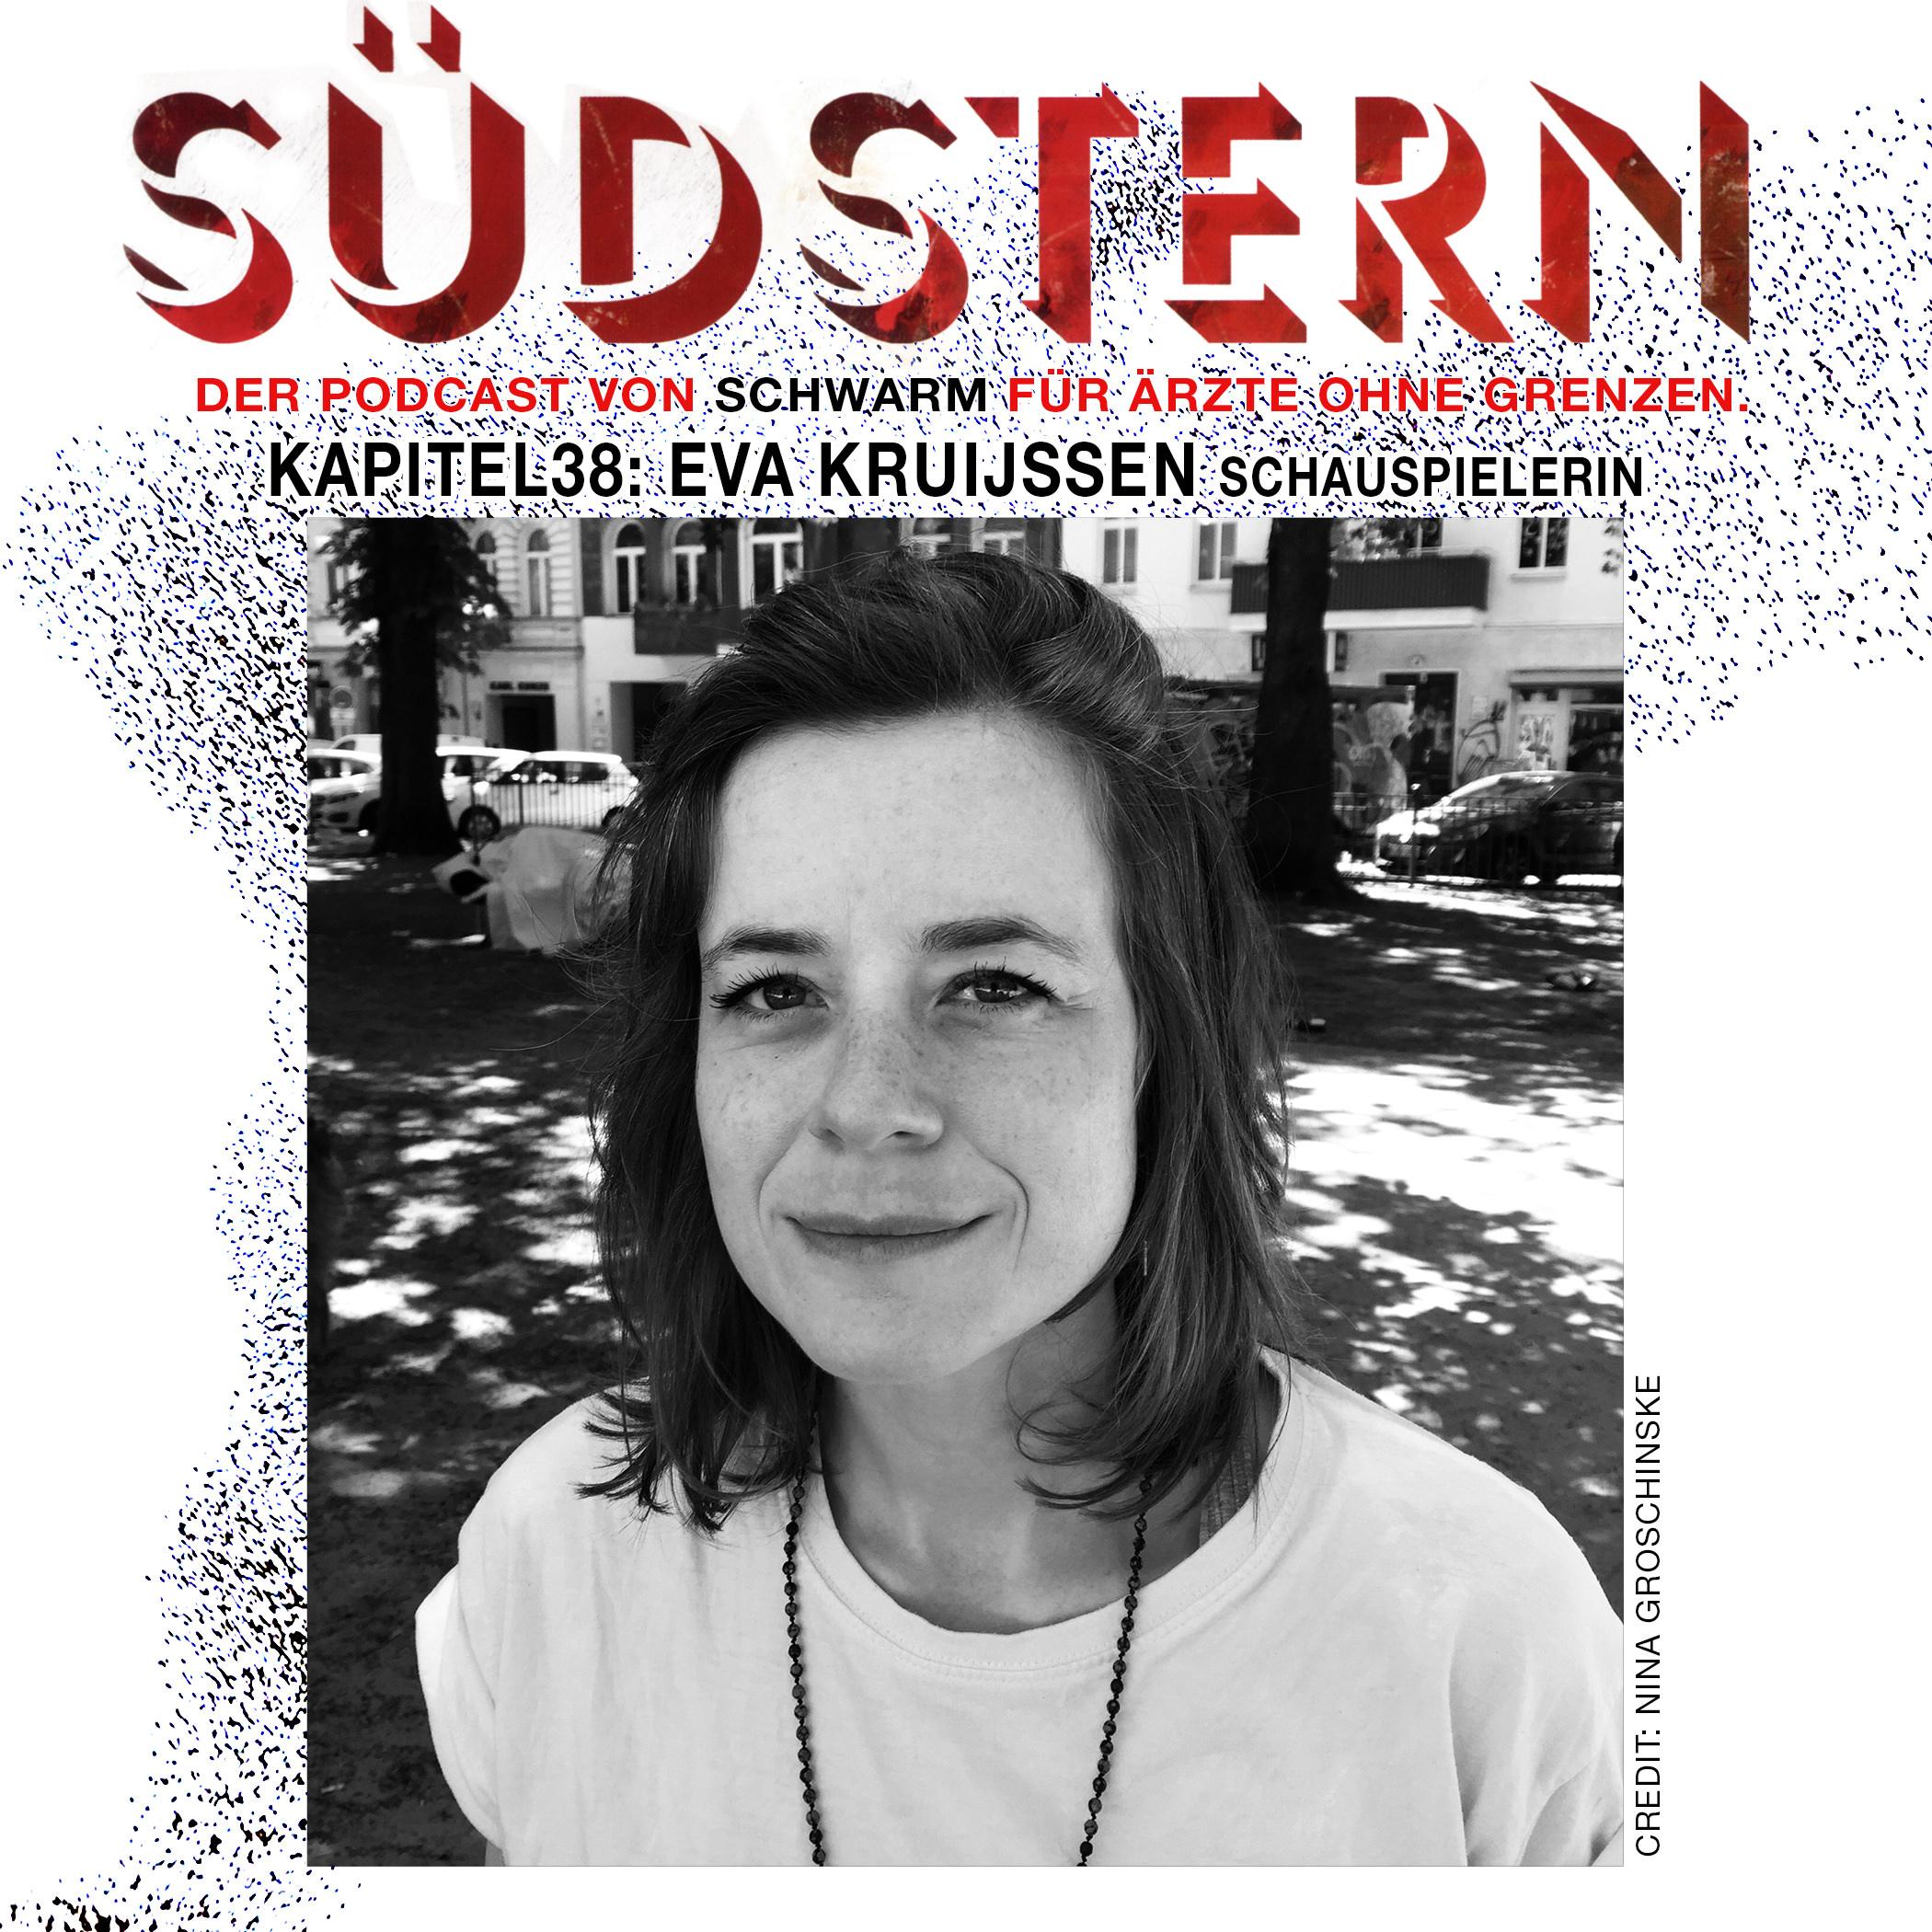 Kapitel 38 gelesen von Eva Kruijssen